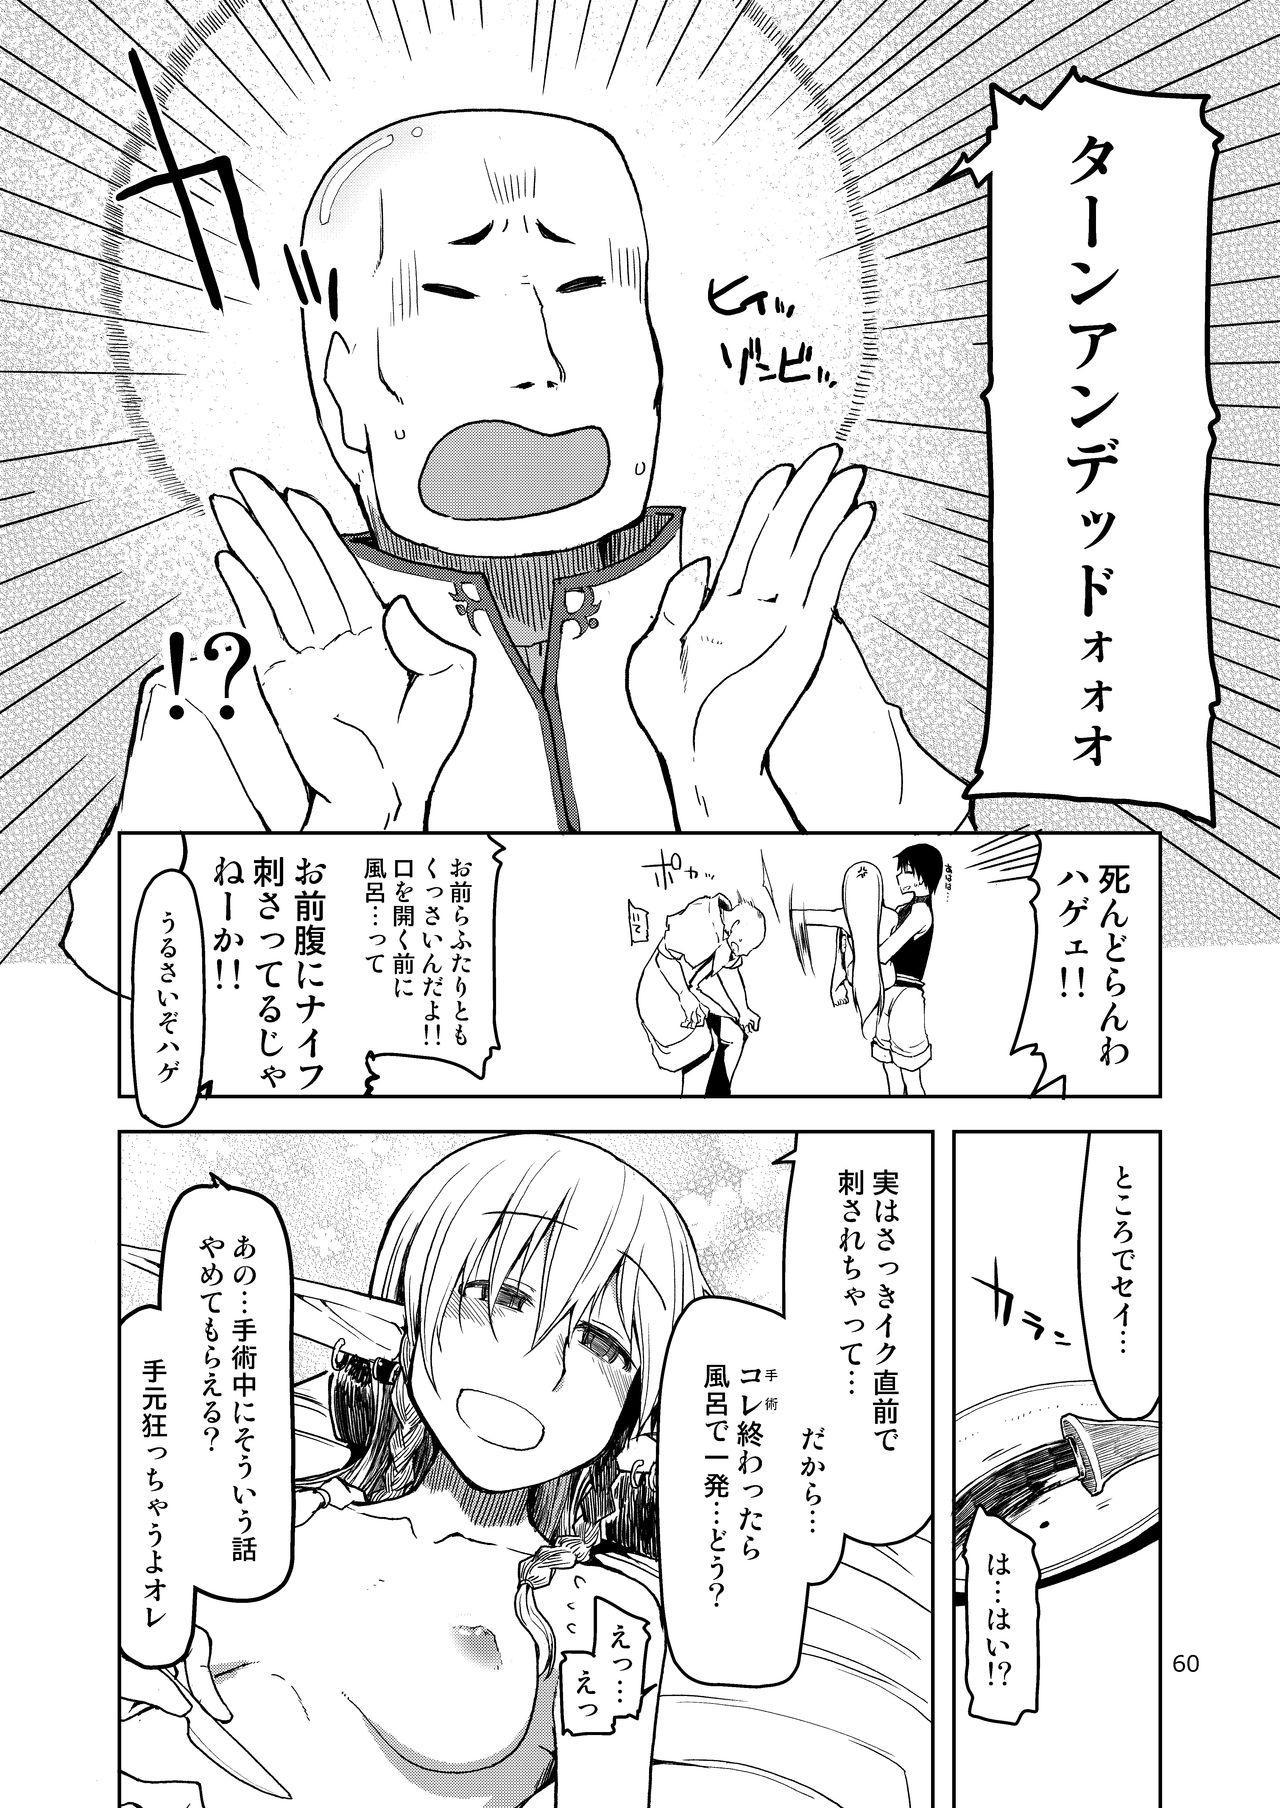 Dosukebe Elf no Ishukan Nikki Matome 2 60